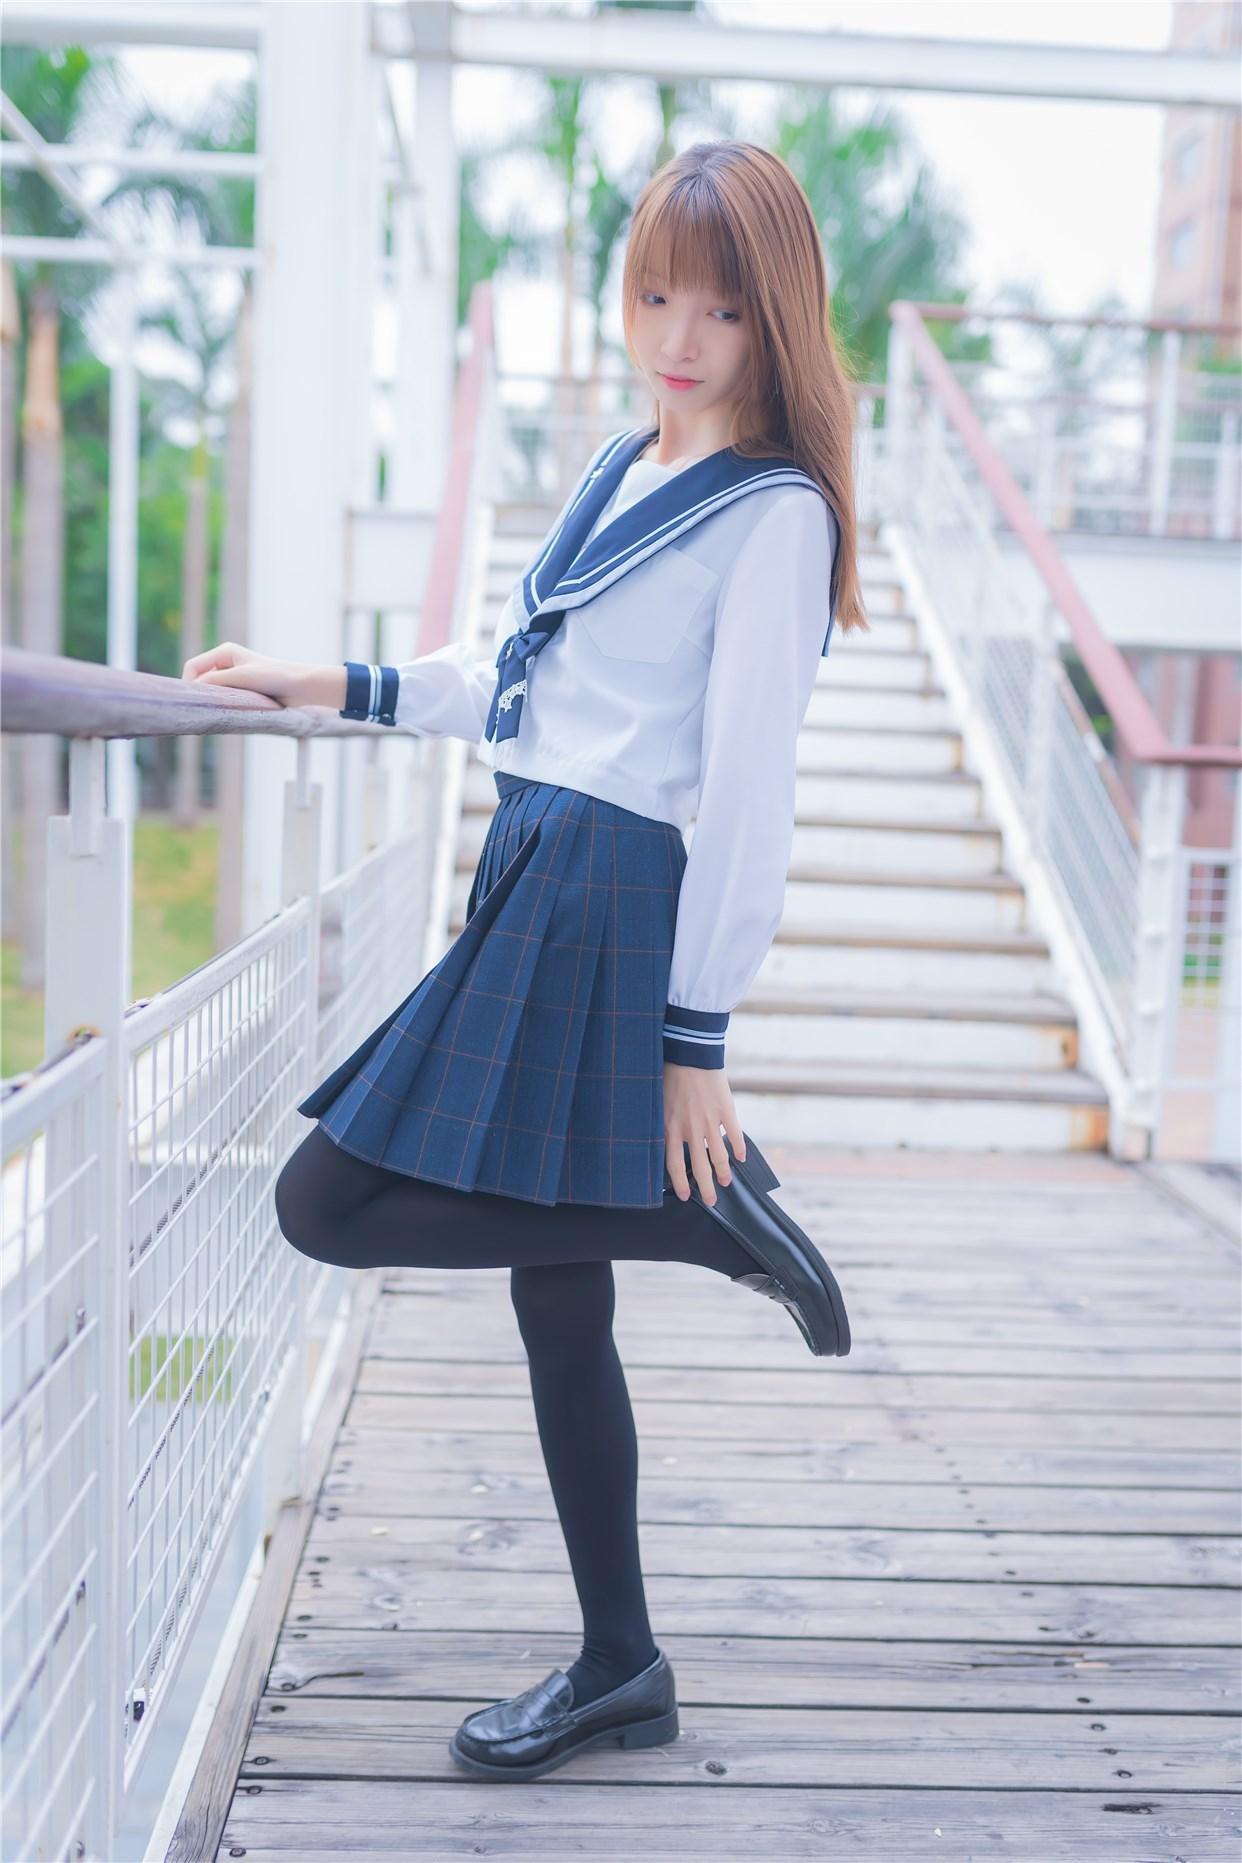 【兔玩映画】小清新JK少女 兔玩映画 第40张